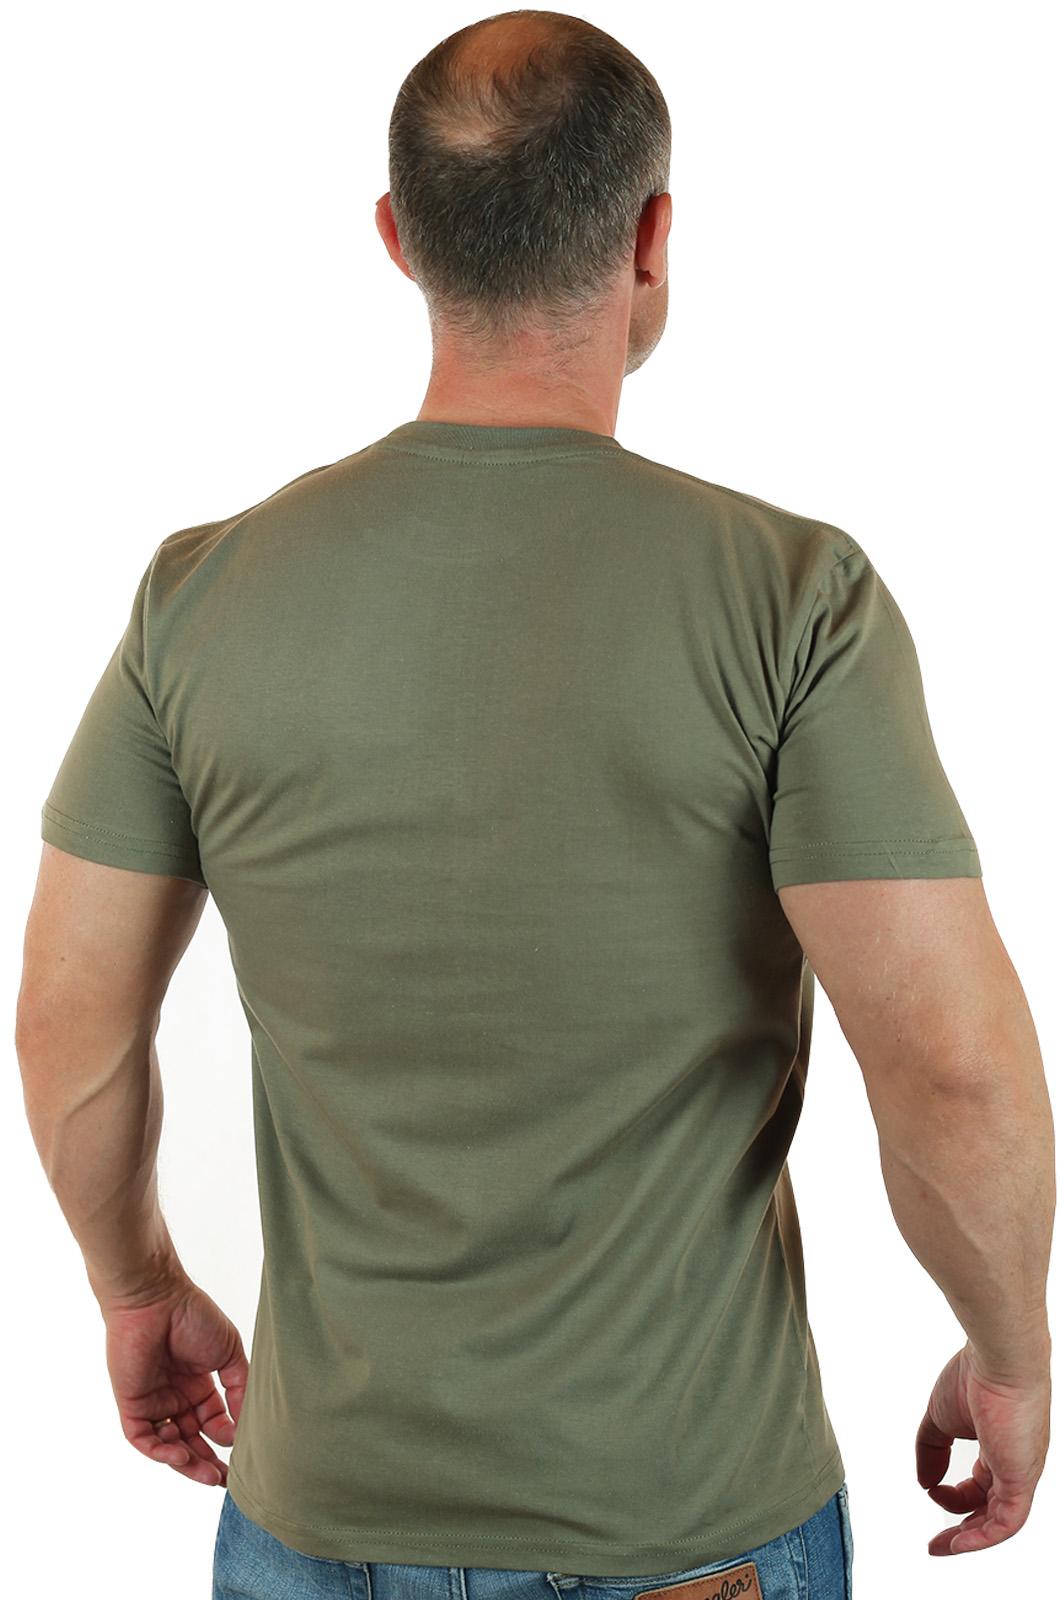 Практичная футболка для мужчин Спецназ ГРУ